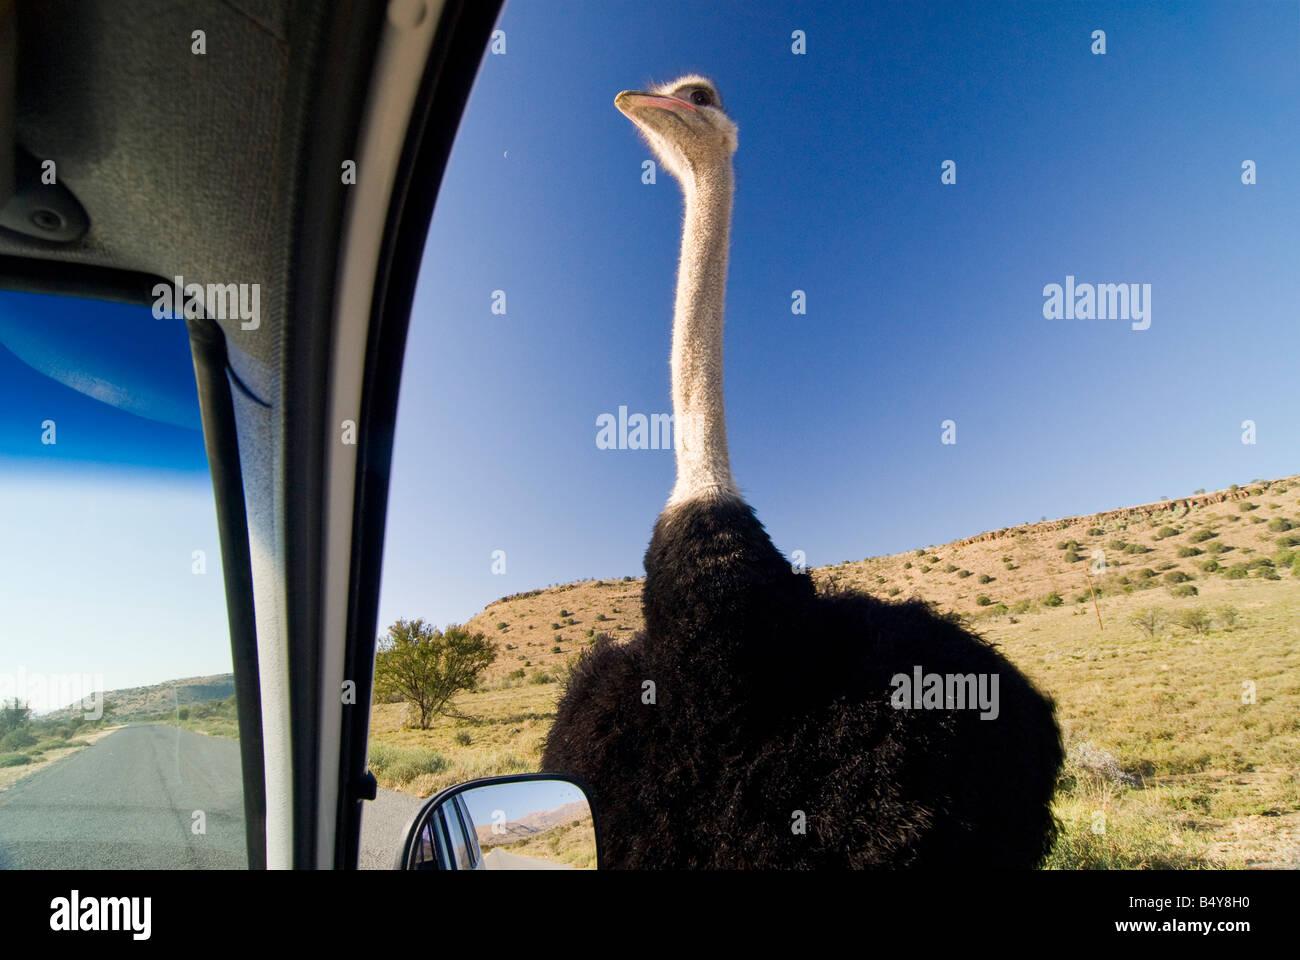 El avestruz, el parque nacional cebra de montaña, Eastern Cape, Sudáfrica Imagen De Stock